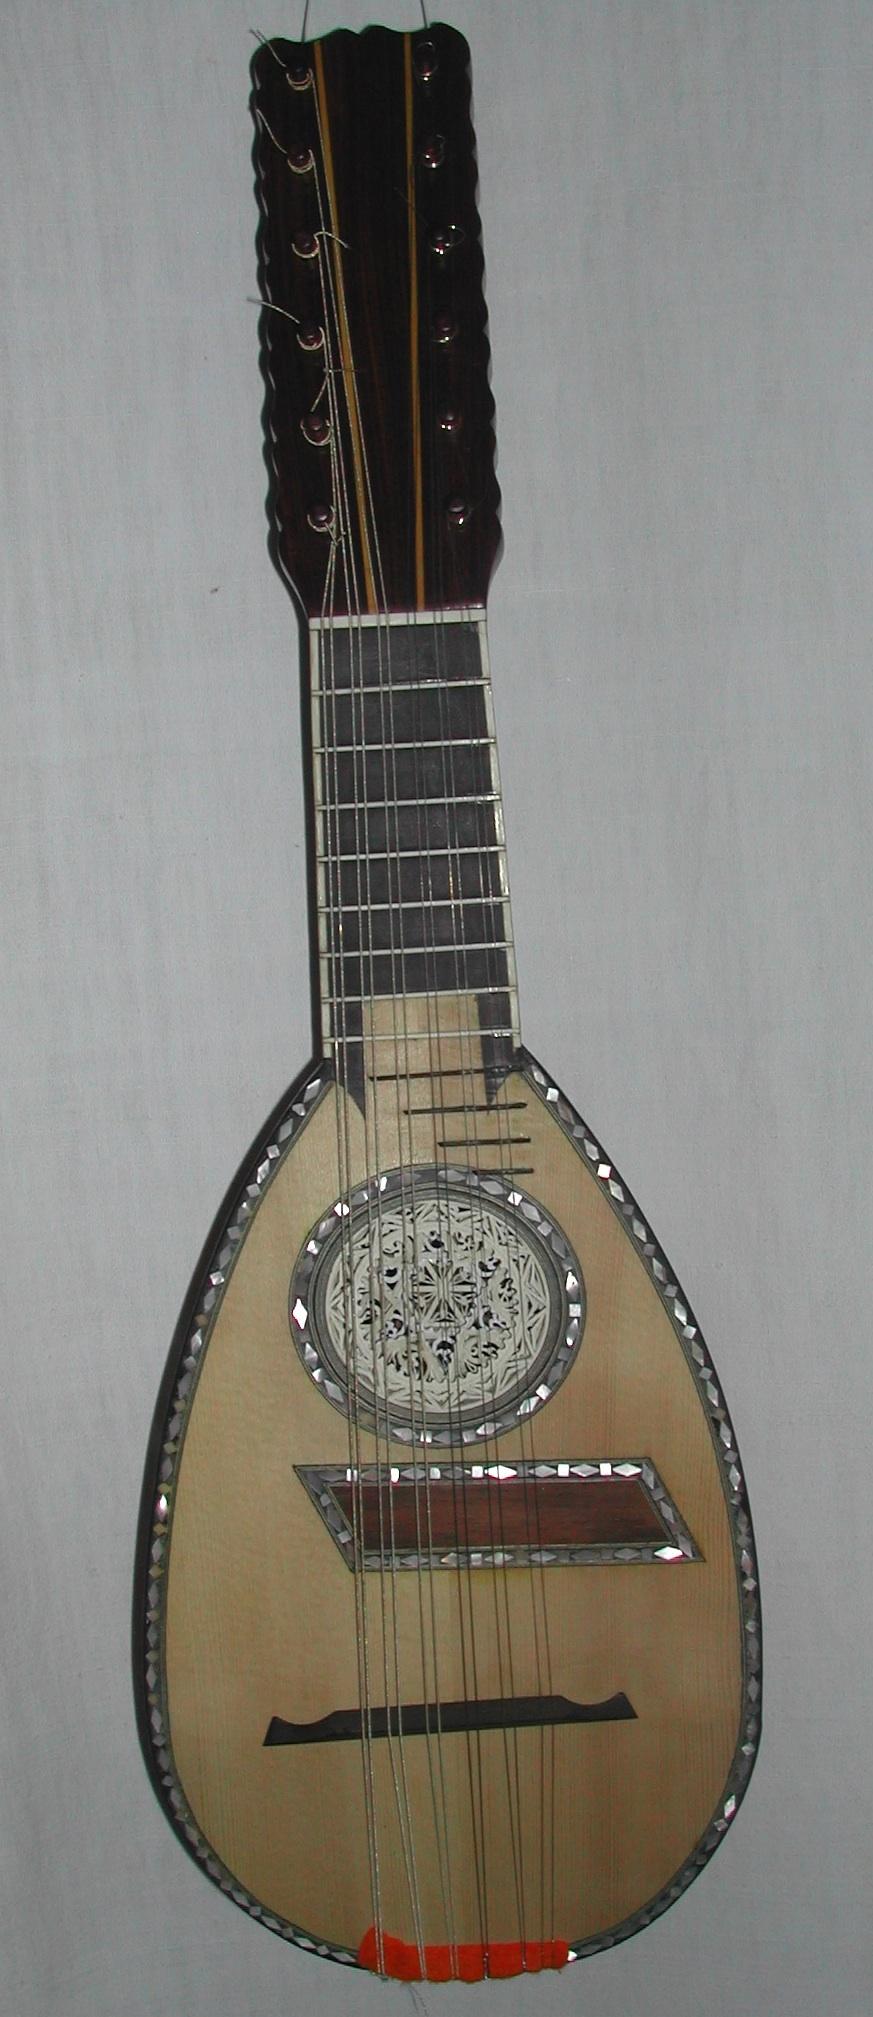 mandolino genovese a 6 ordini doppi (anno originale) da Cristiano Nonemaker,copia del liutaio Gabriele Pandini (Ferrara, anno)